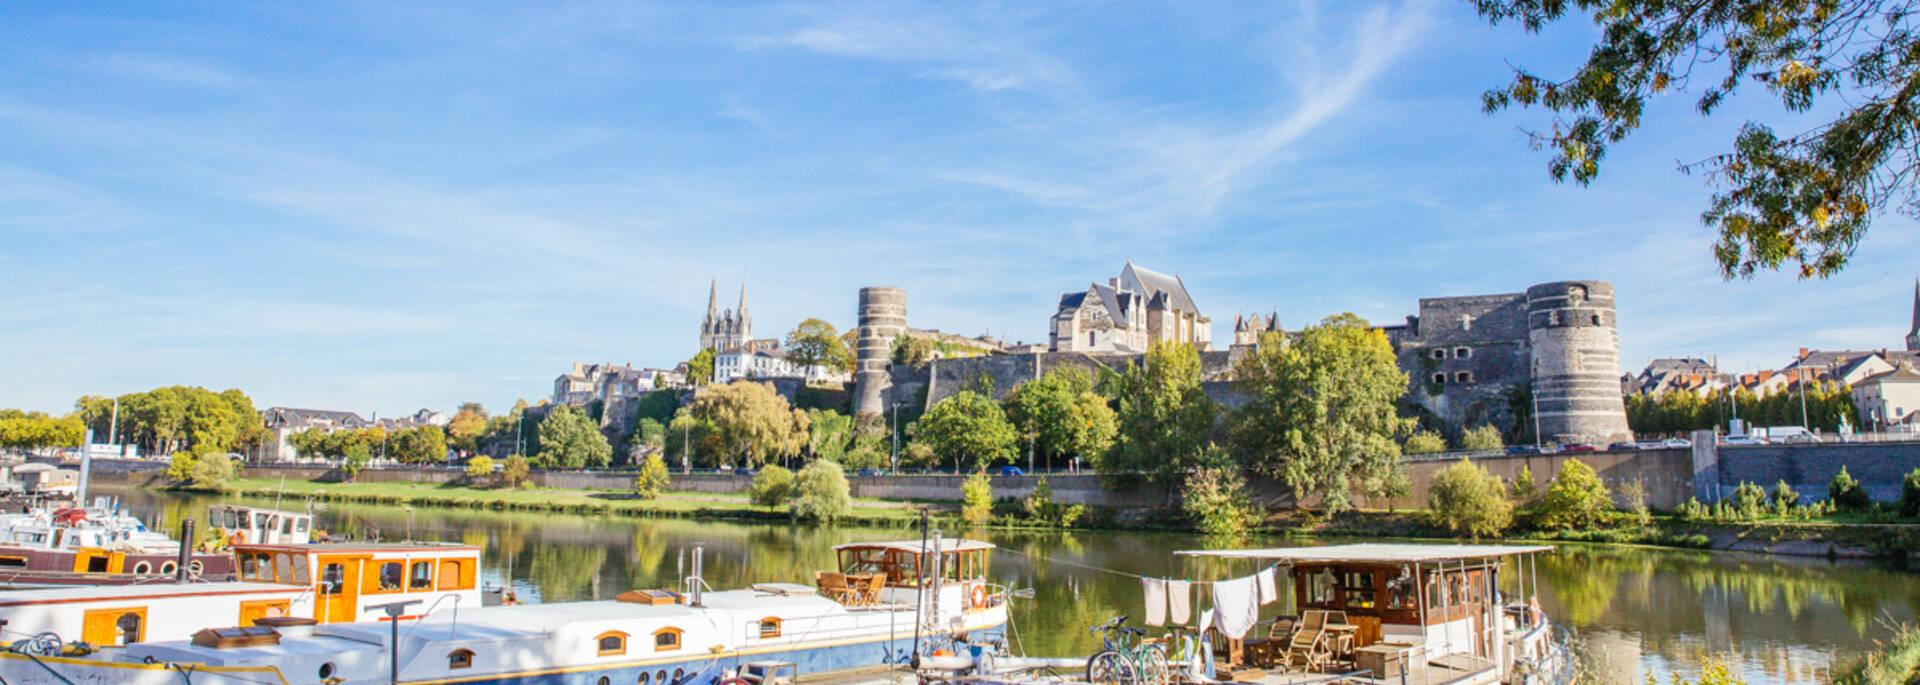 View on monuments in Angers, cale de la Savatte © Les Conteurs